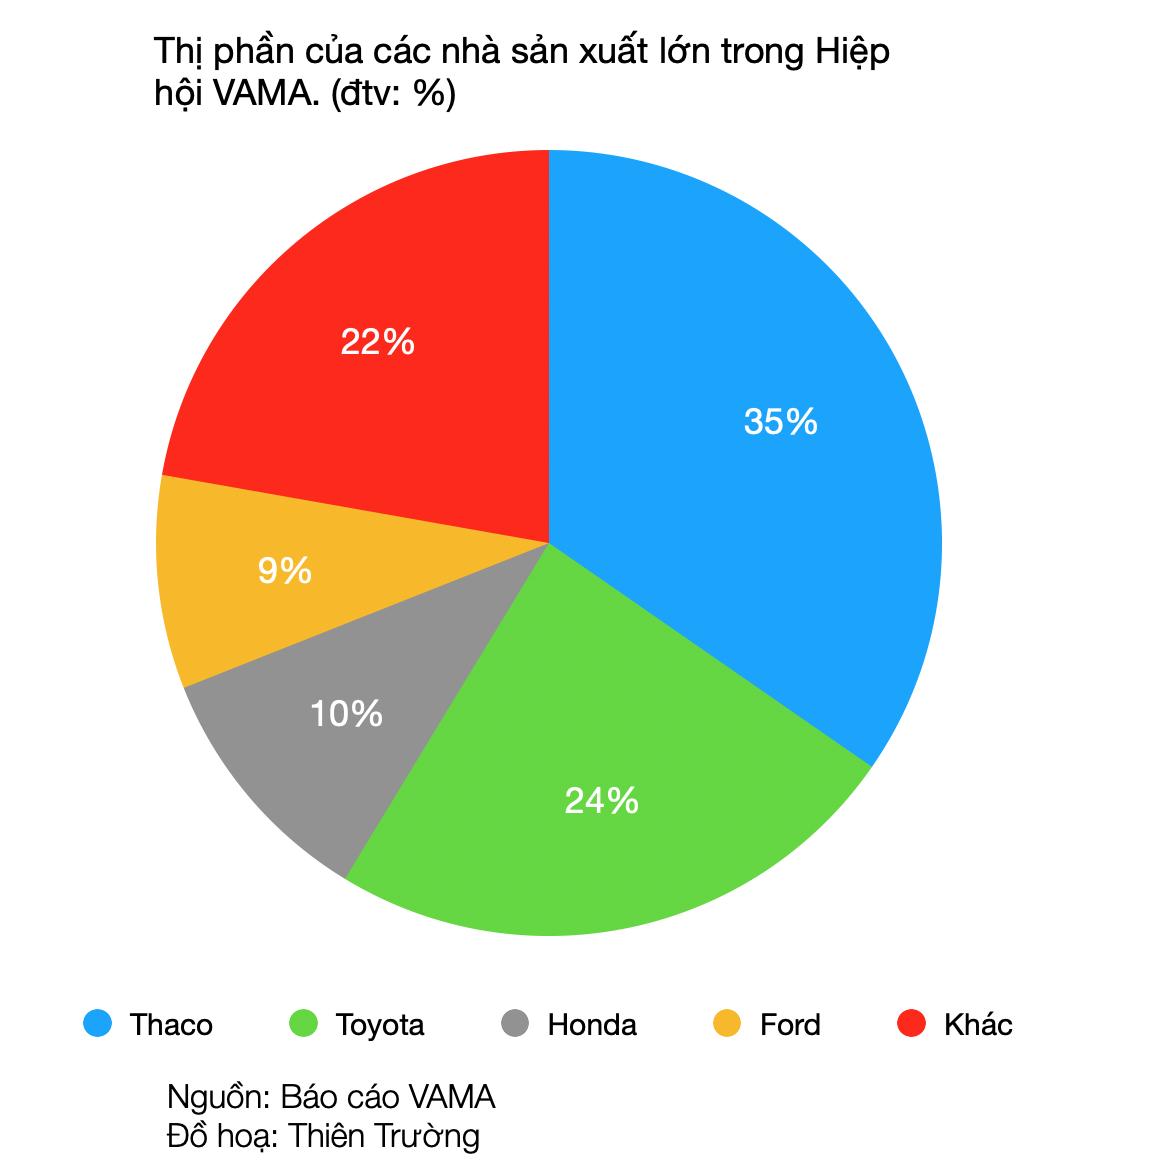 Những ông lớn nào đang kiểm soát thị trường ô tô Việt Nam? - Ảnh 1.